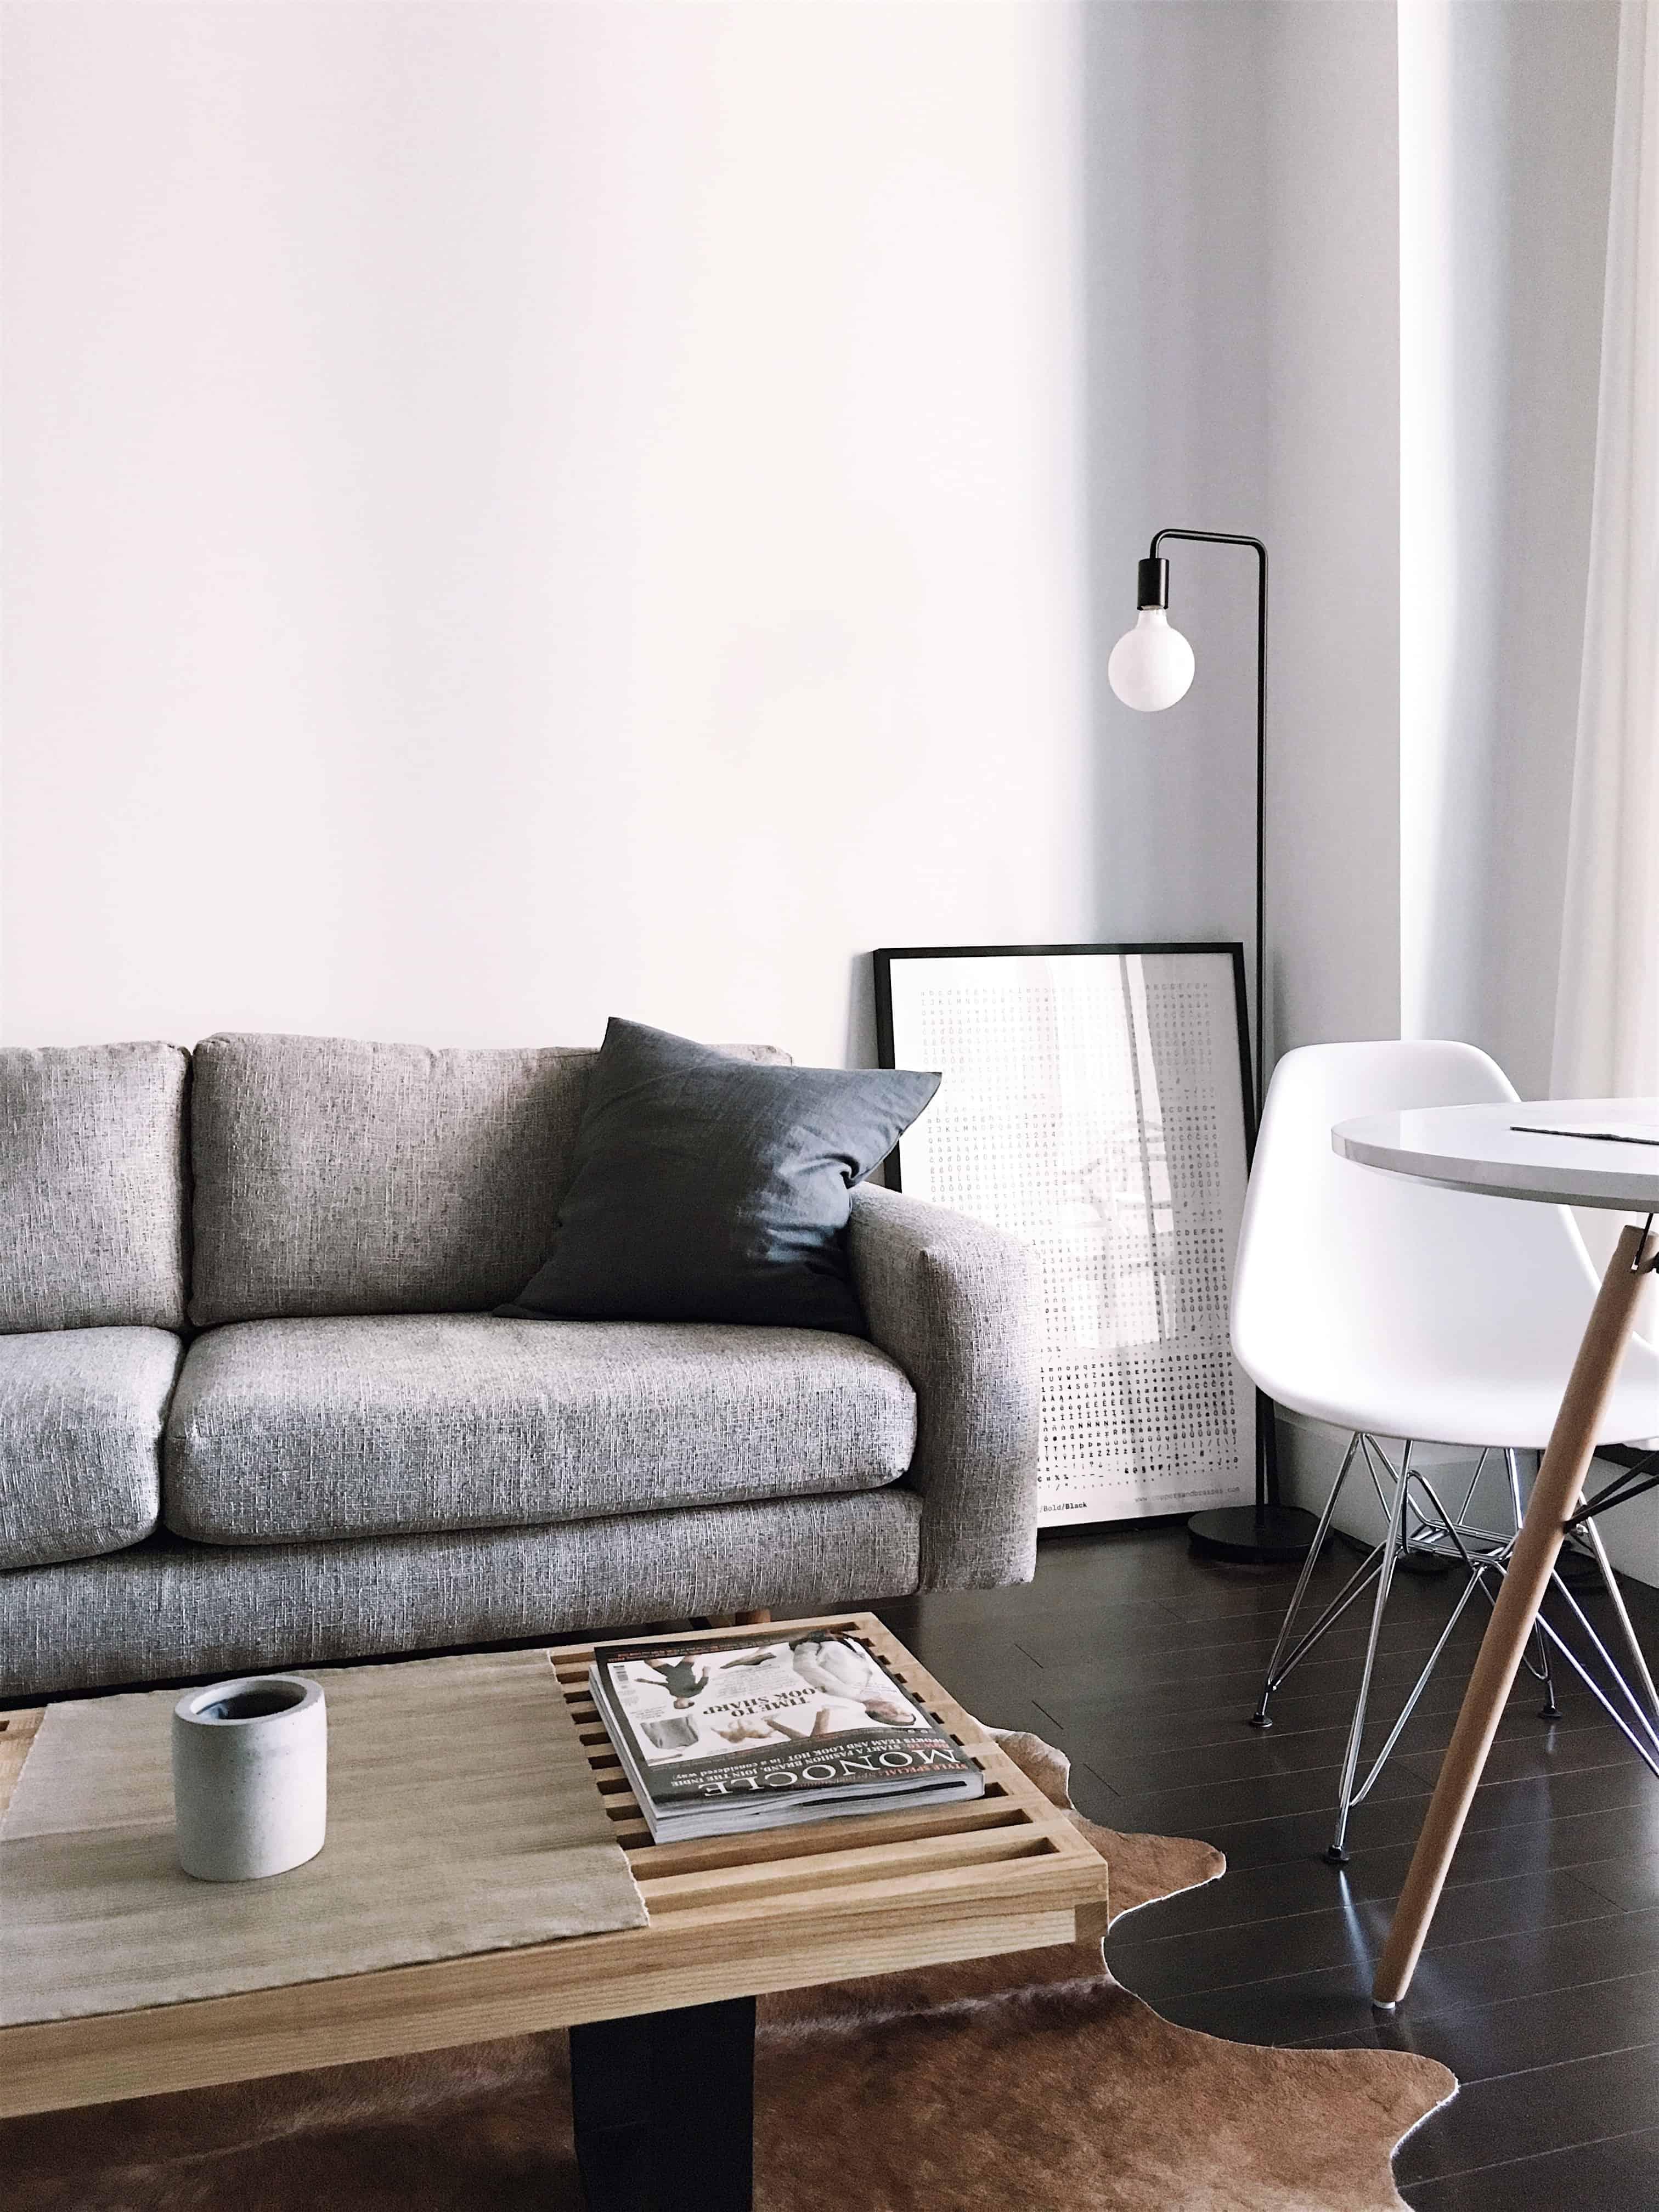 Sofa view - interior design company in bangalore